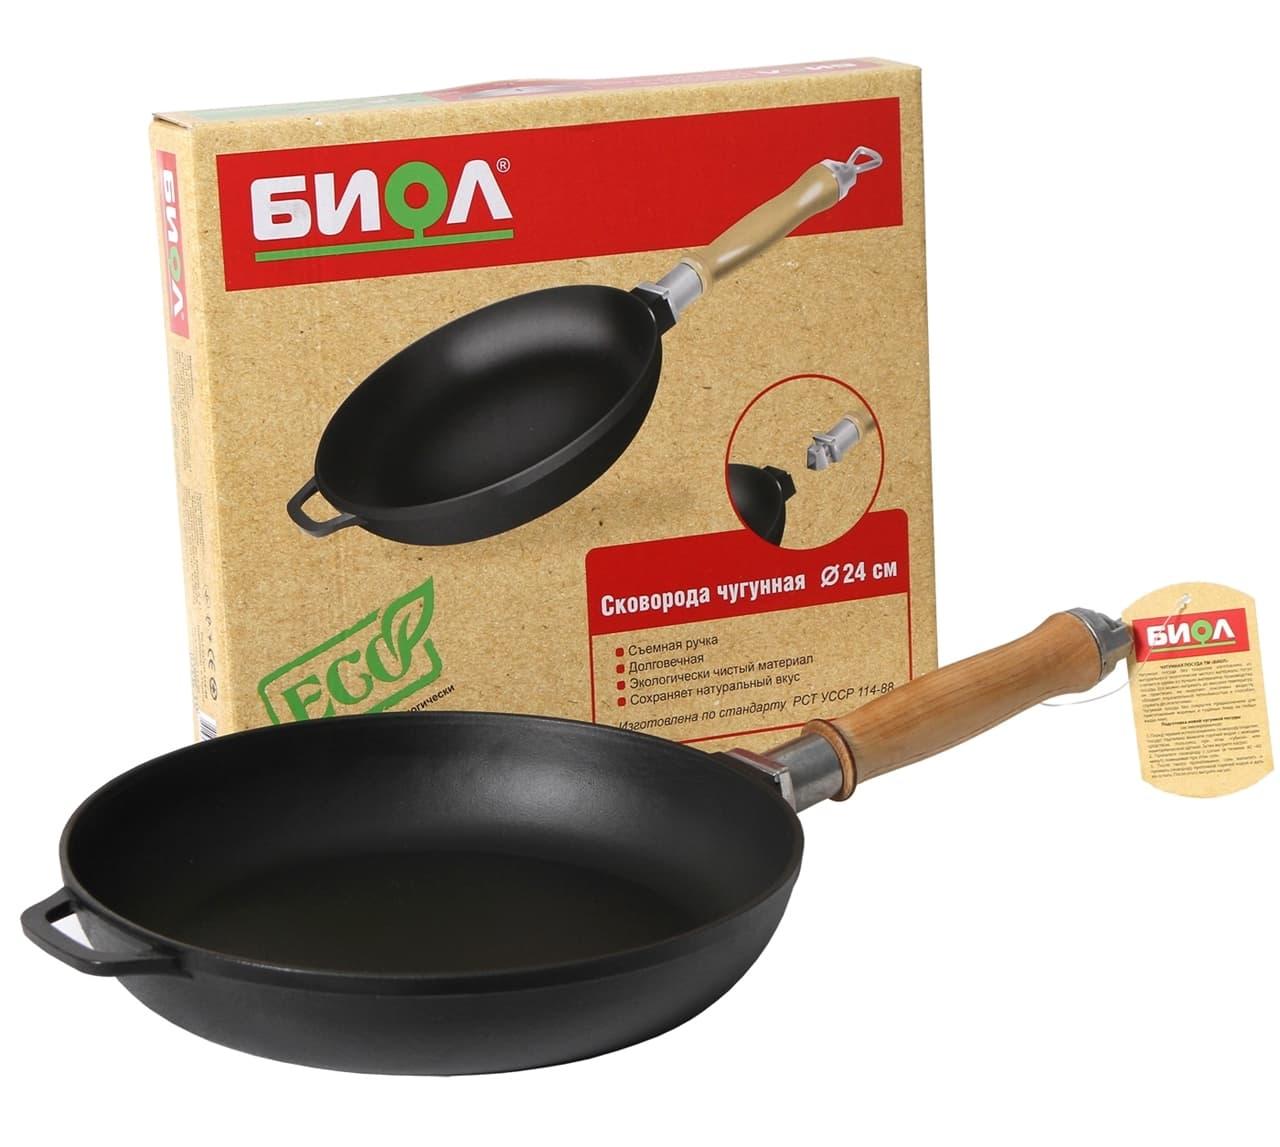 Чугунная сковорода 260х40 мм. с деревянной ручкой БИОЛ арт. 0126 - фото 4993